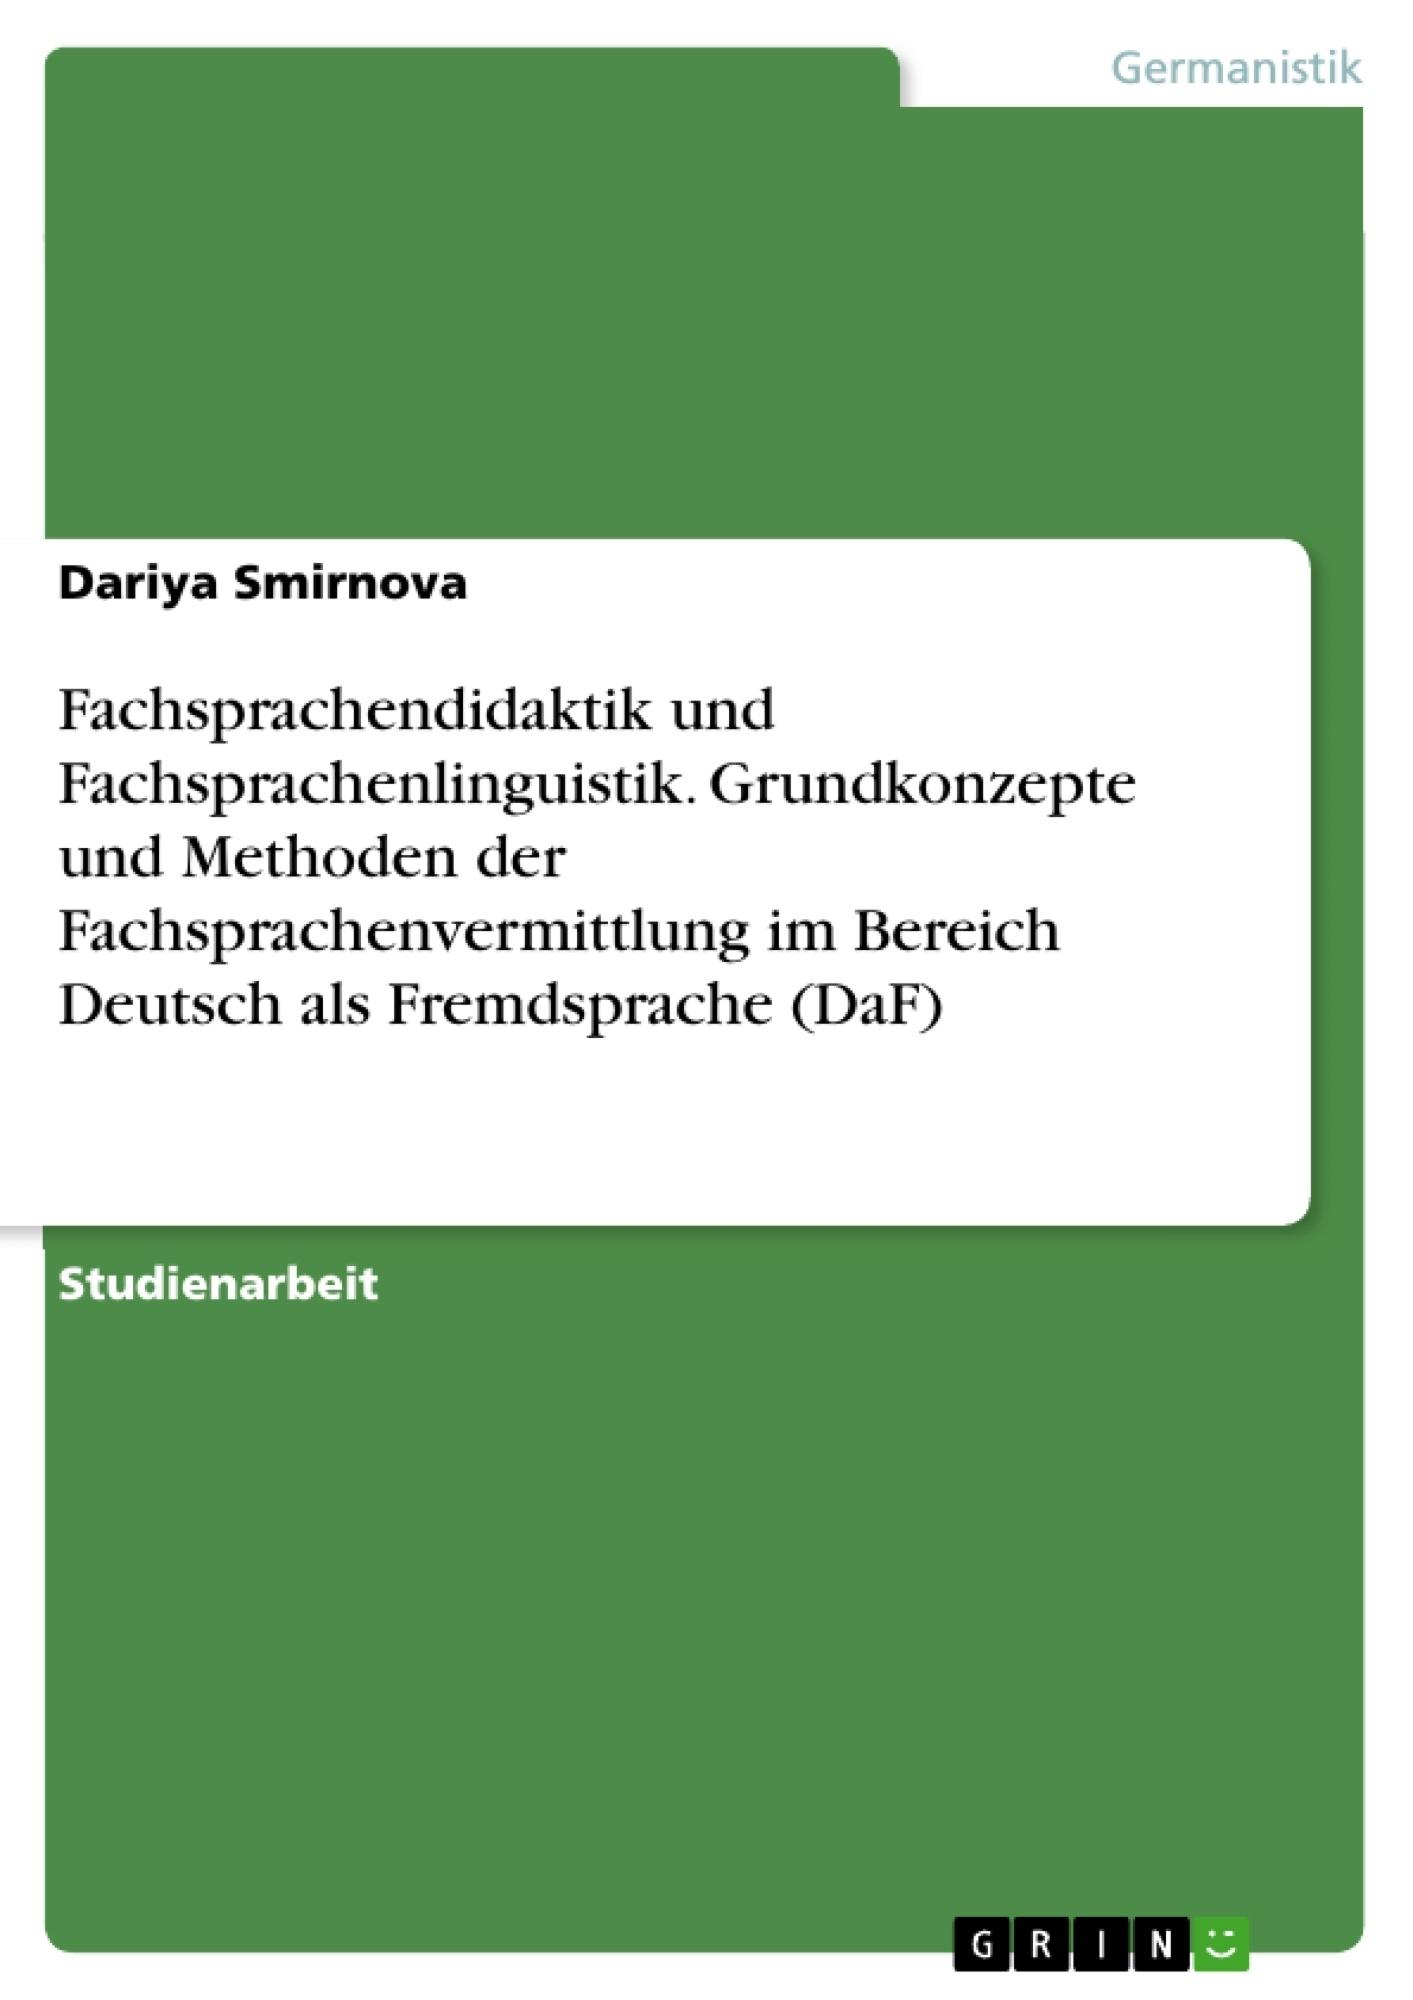 Titel: Fachsprachendidaktik und Fachsprachenlinguistik. Grundkonzepte und Methoden der Fachsprachenvermittlung im Bereich Deutsch als Fremdsprache (DaF)